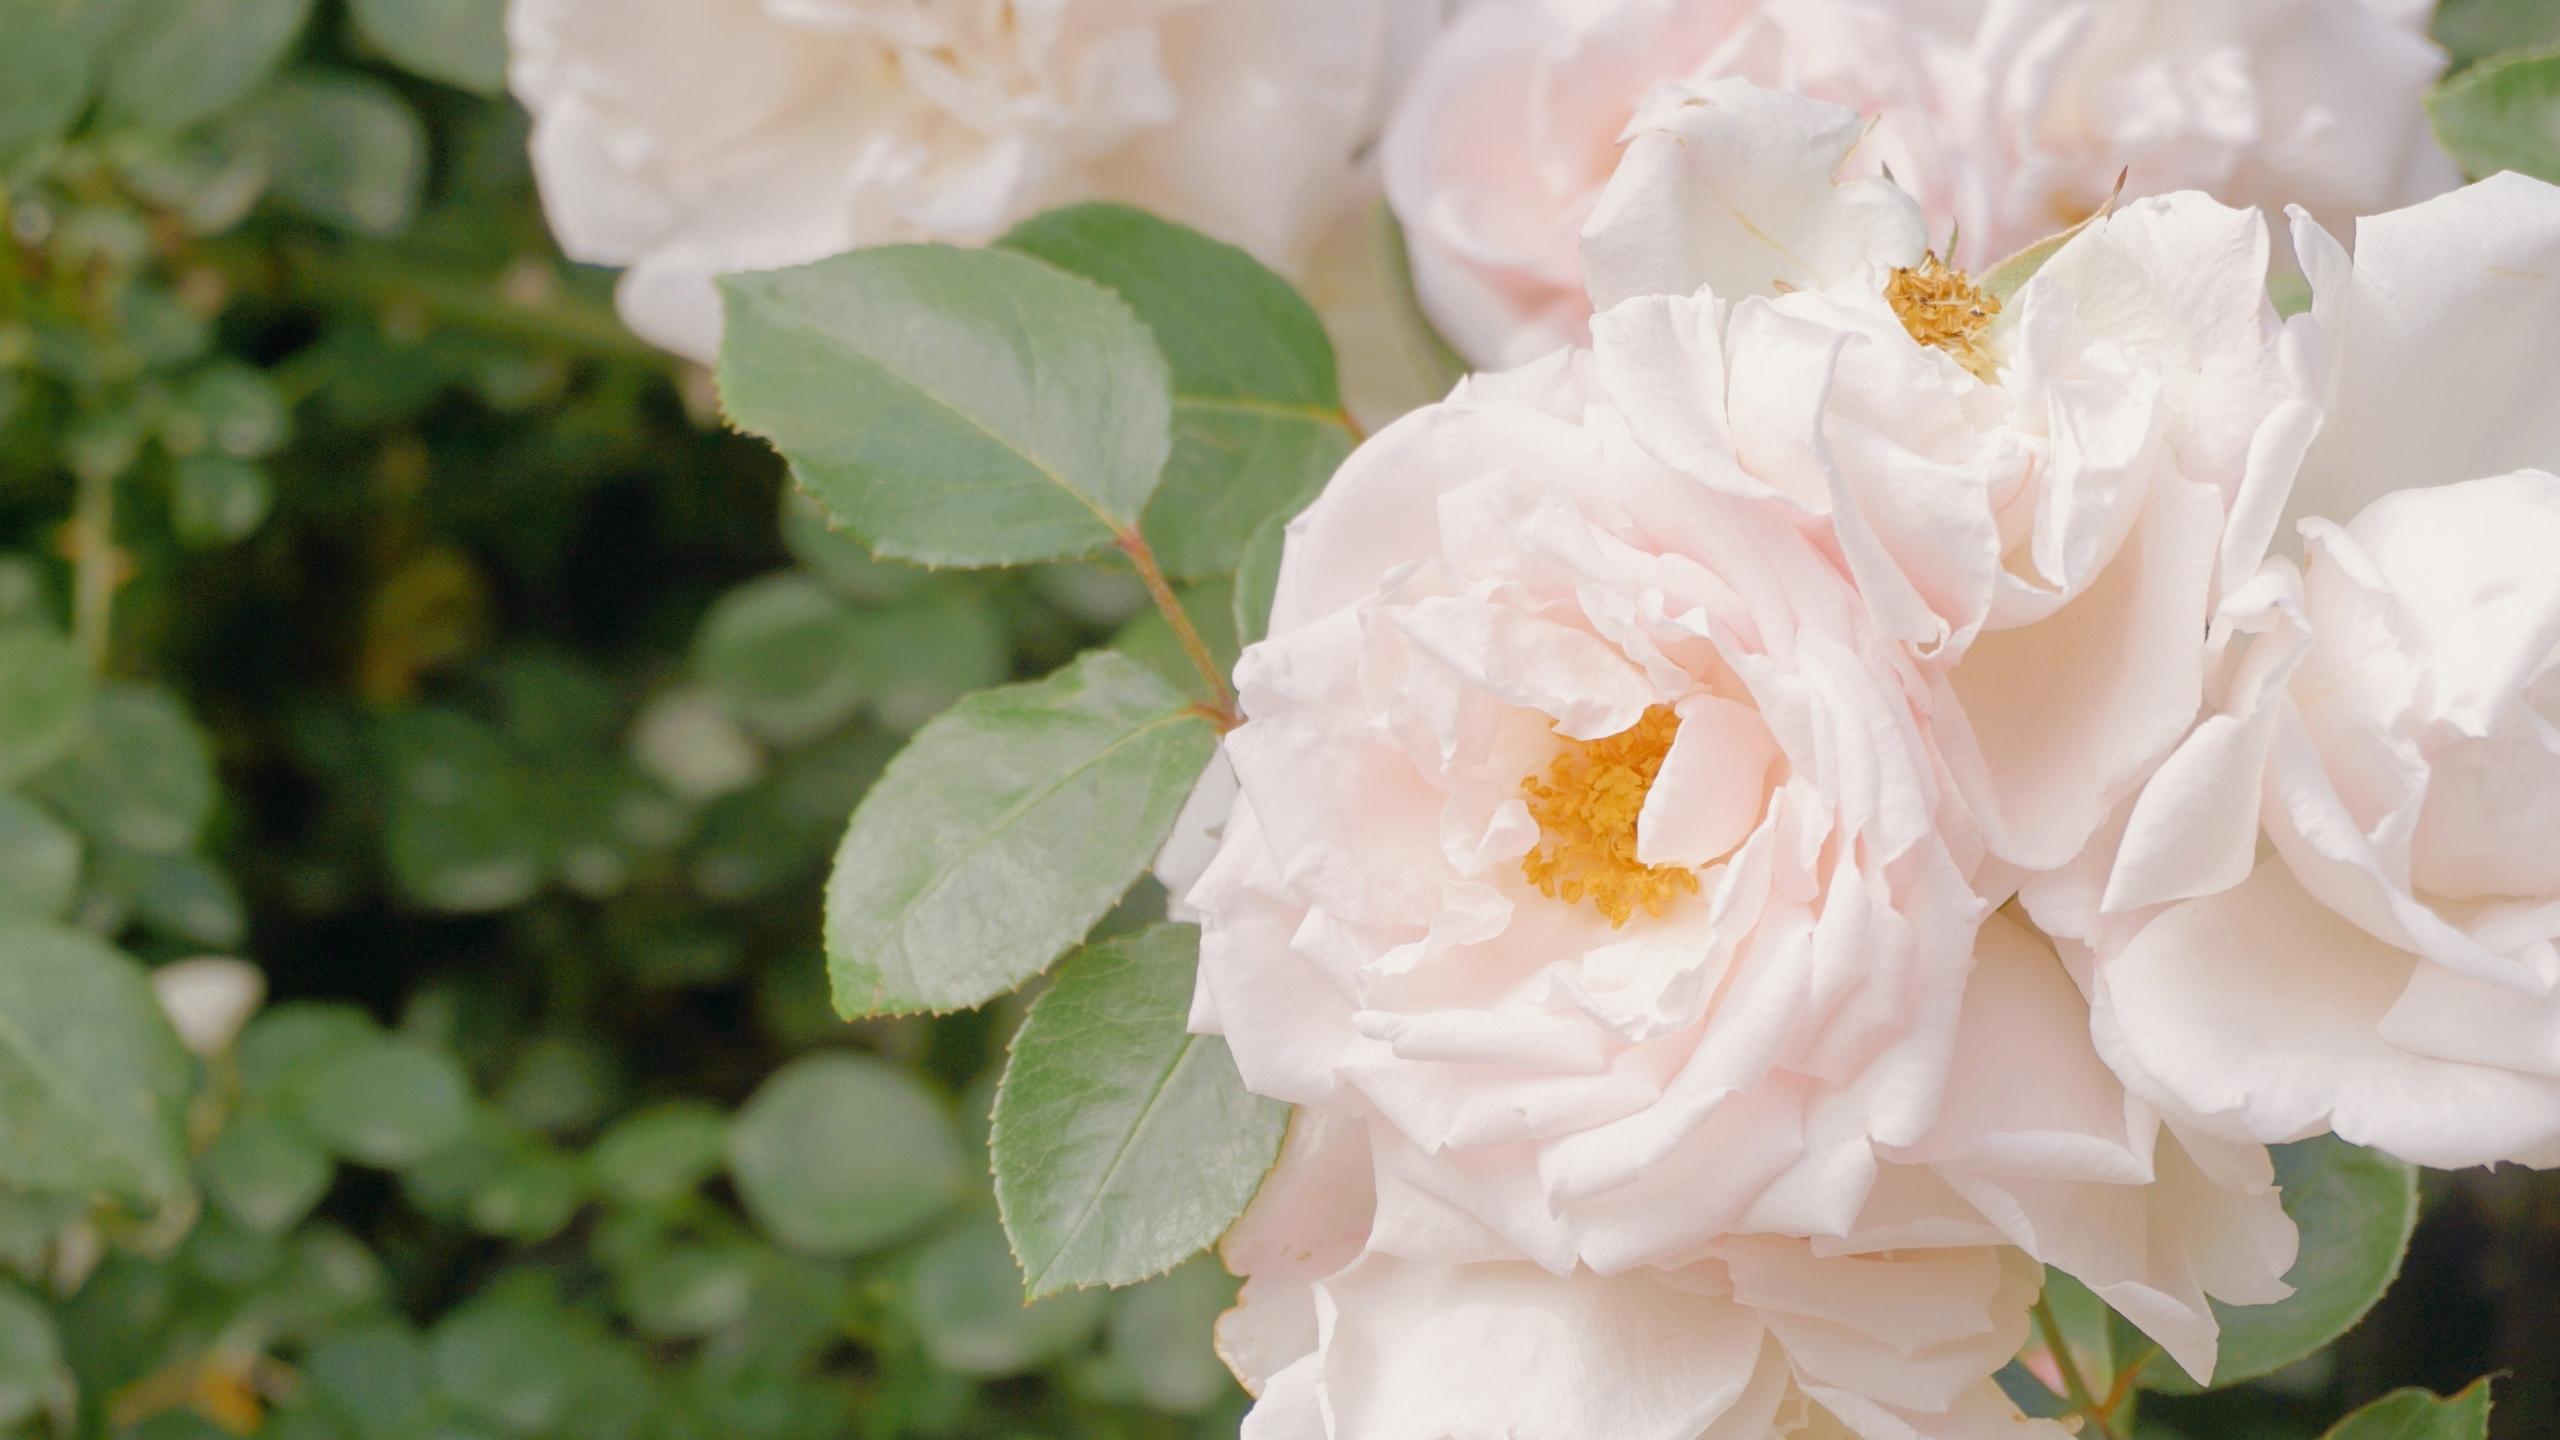 粉嫩的月季花图片桌面壁纸